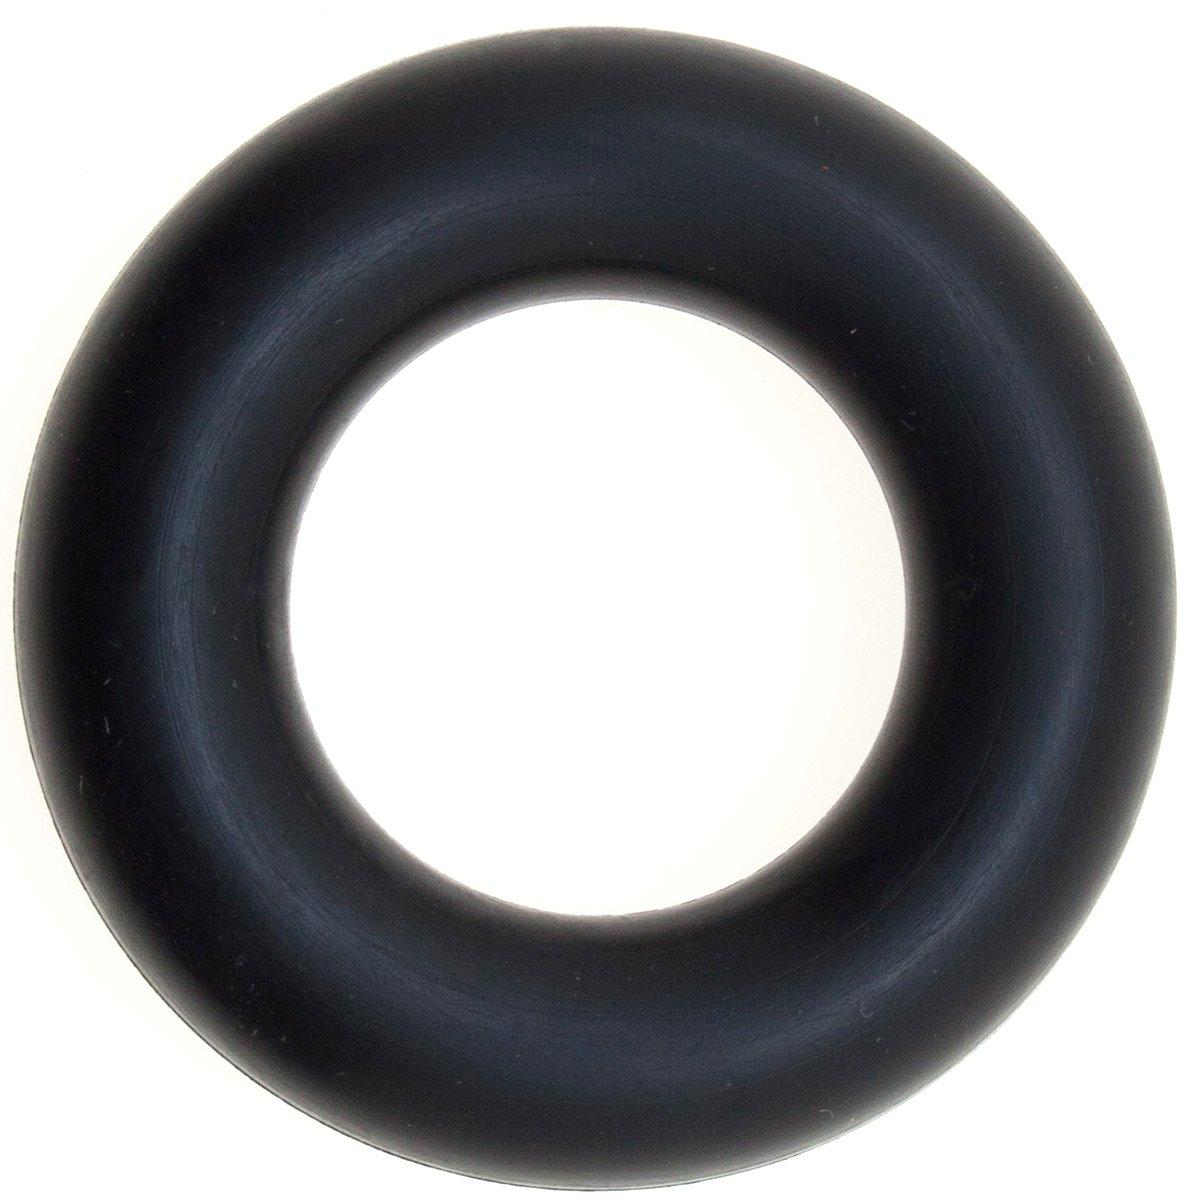 Dichtringe / O-Ringe 4,47 x 1,78 mm NBR 70, Menge 25 Stü ck Diehr & Rabenstein